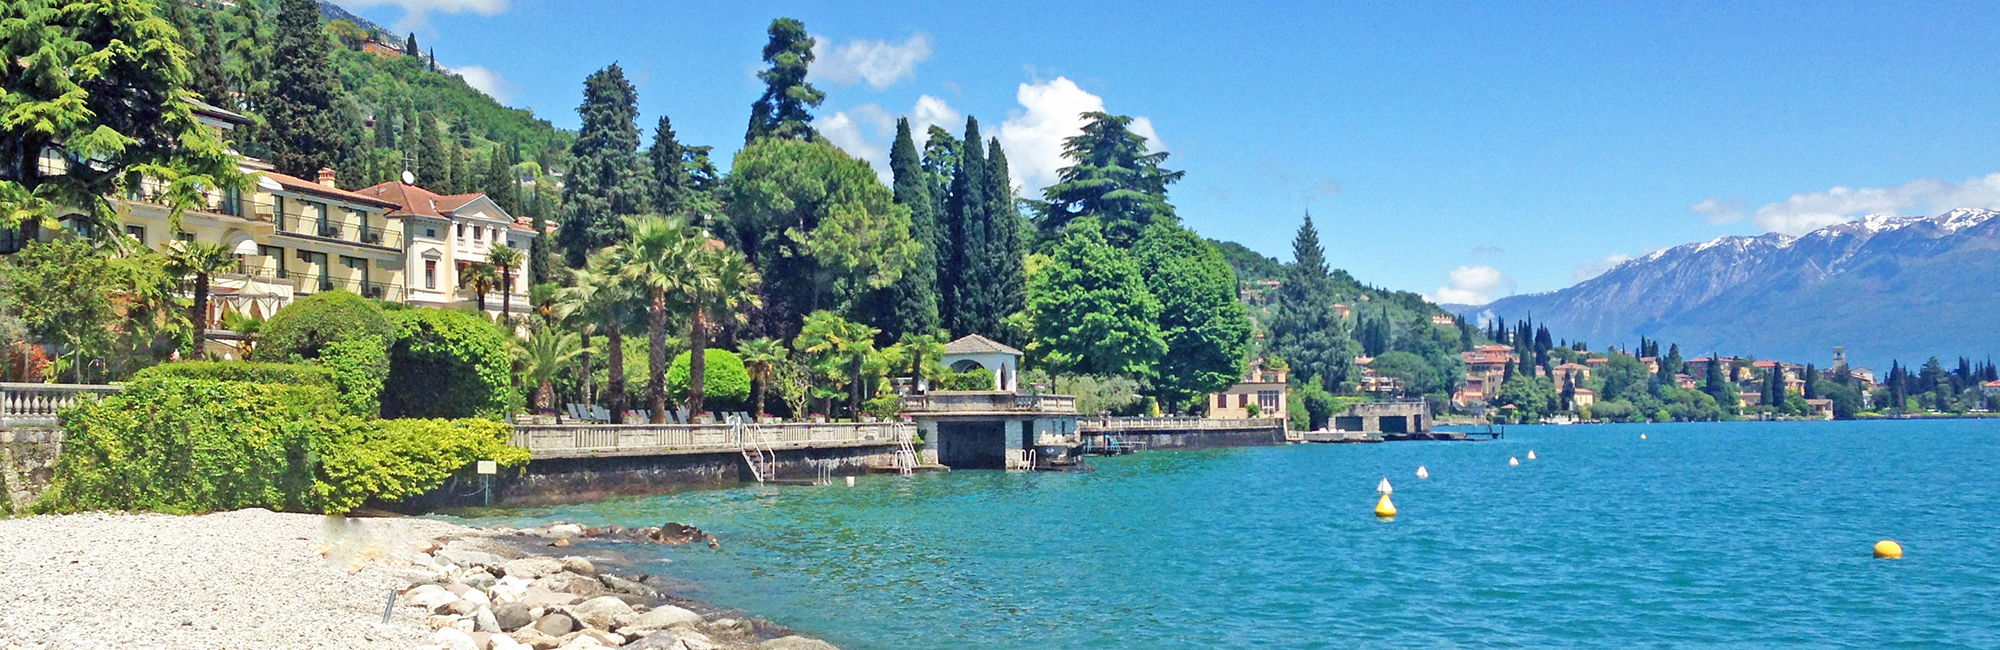 Gardasee fewo ferienwohnung ferienhaus villa for Ferienimmobilien italien